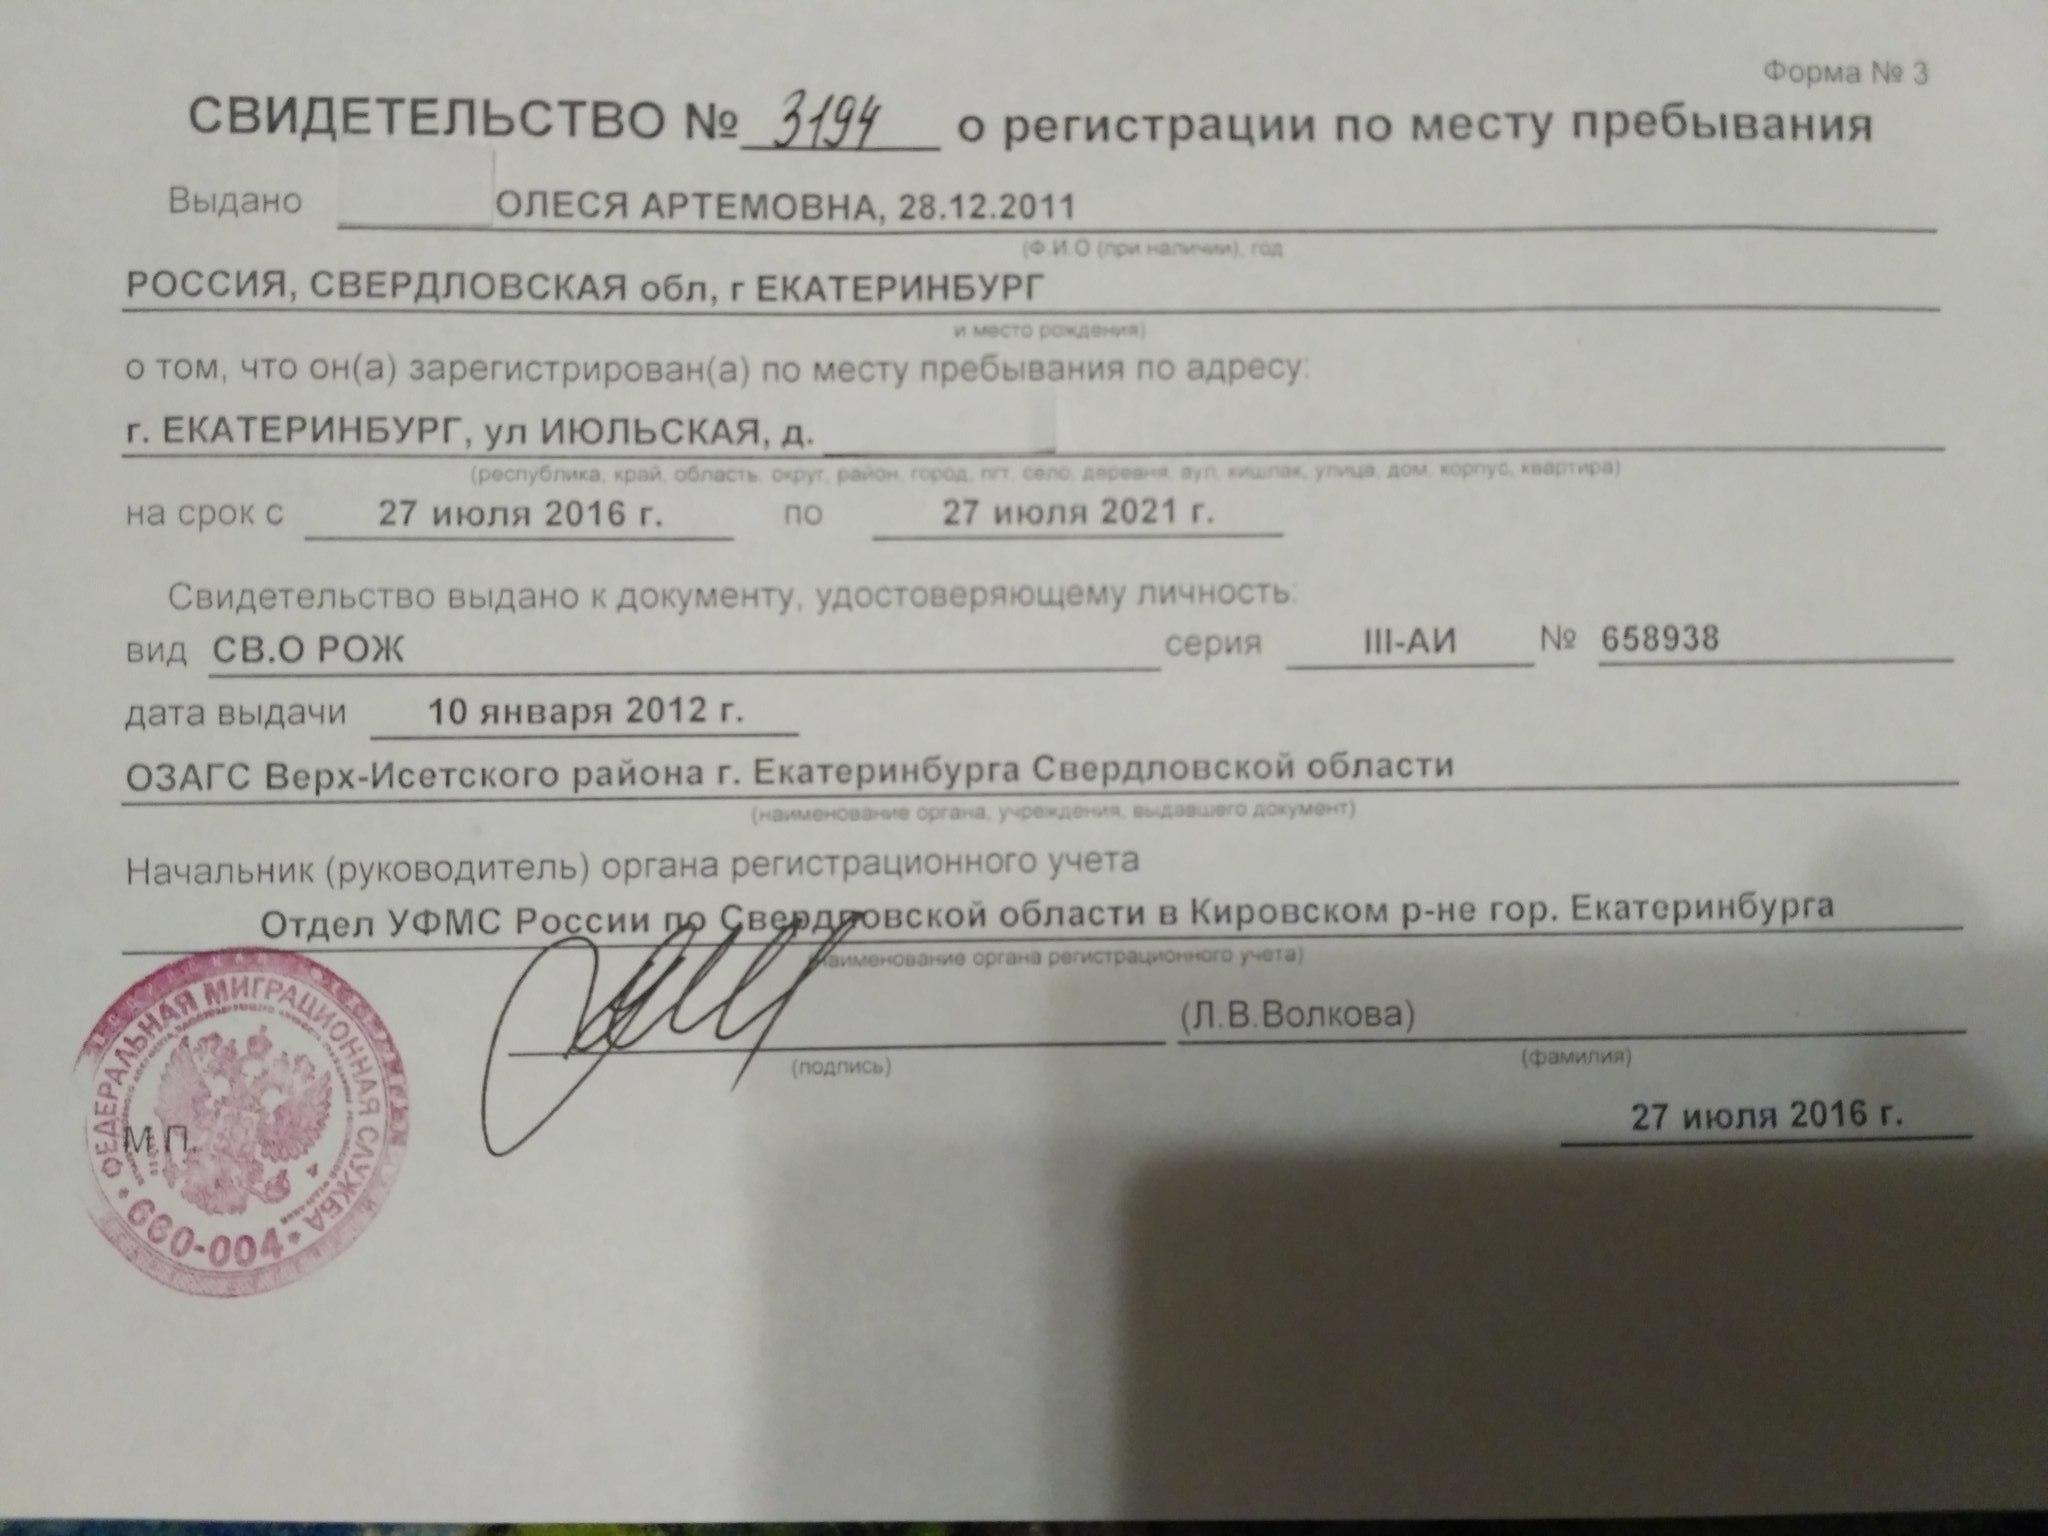 Свидетельство о регистрации по месту жительства ребёнка фото